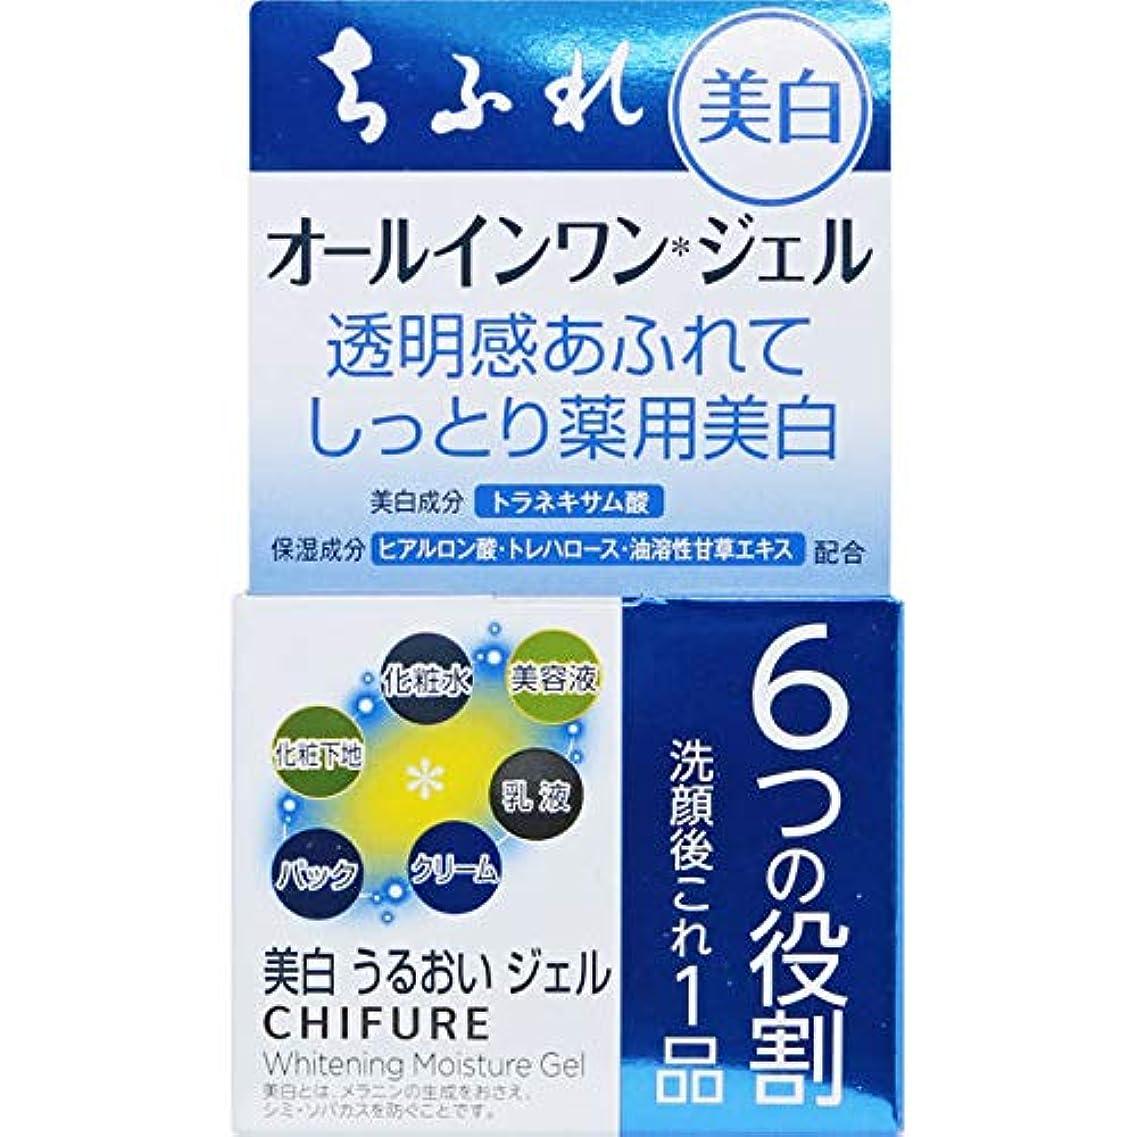 小康すり減る地下鉄ちふれ化粧品 美白うるおいジェル 108g